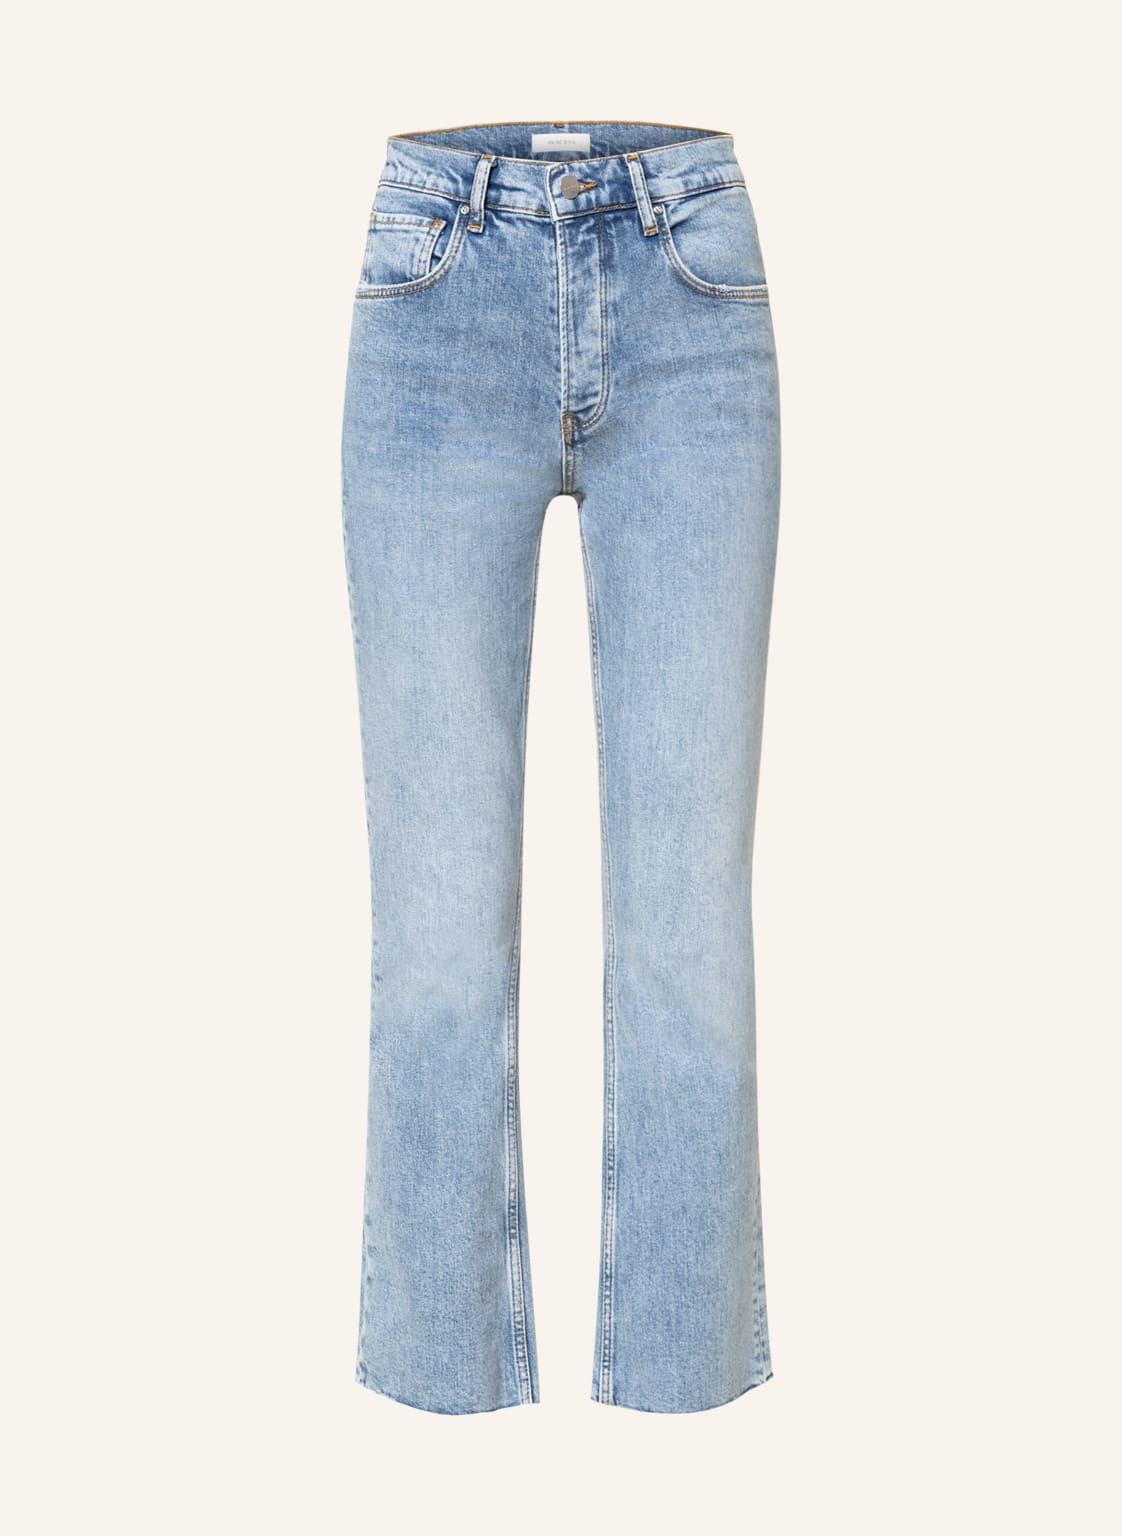 Image of Anine Bing Bootcut Jeans Lara blau